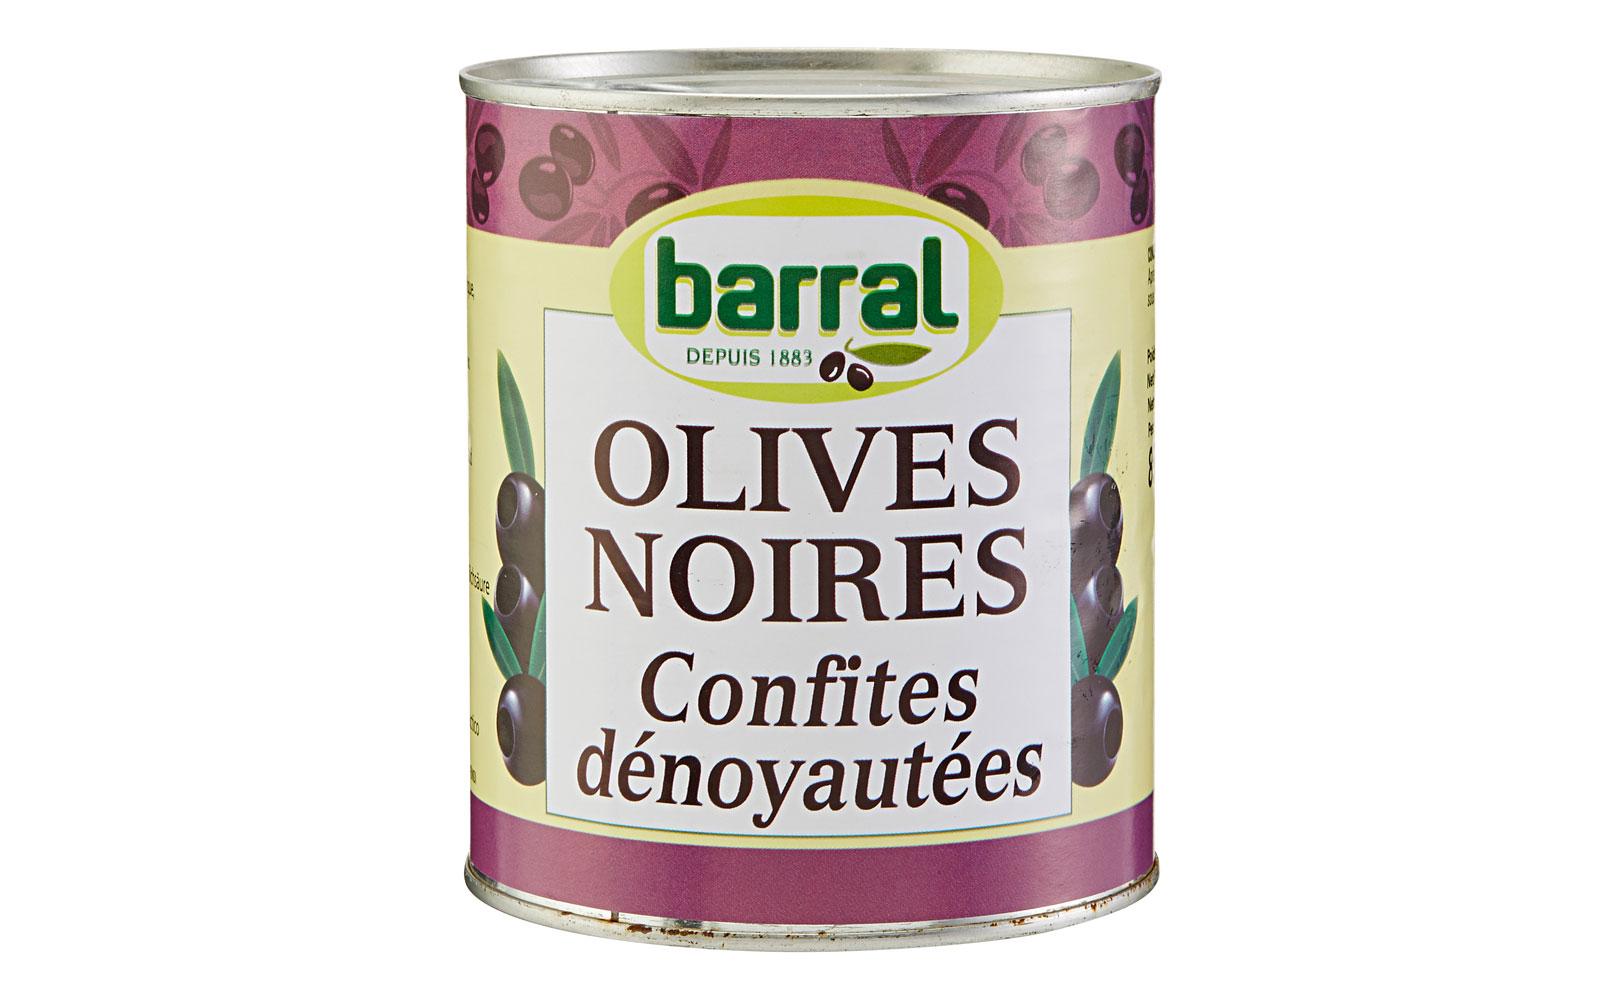 barral entkernte schwarze oliven